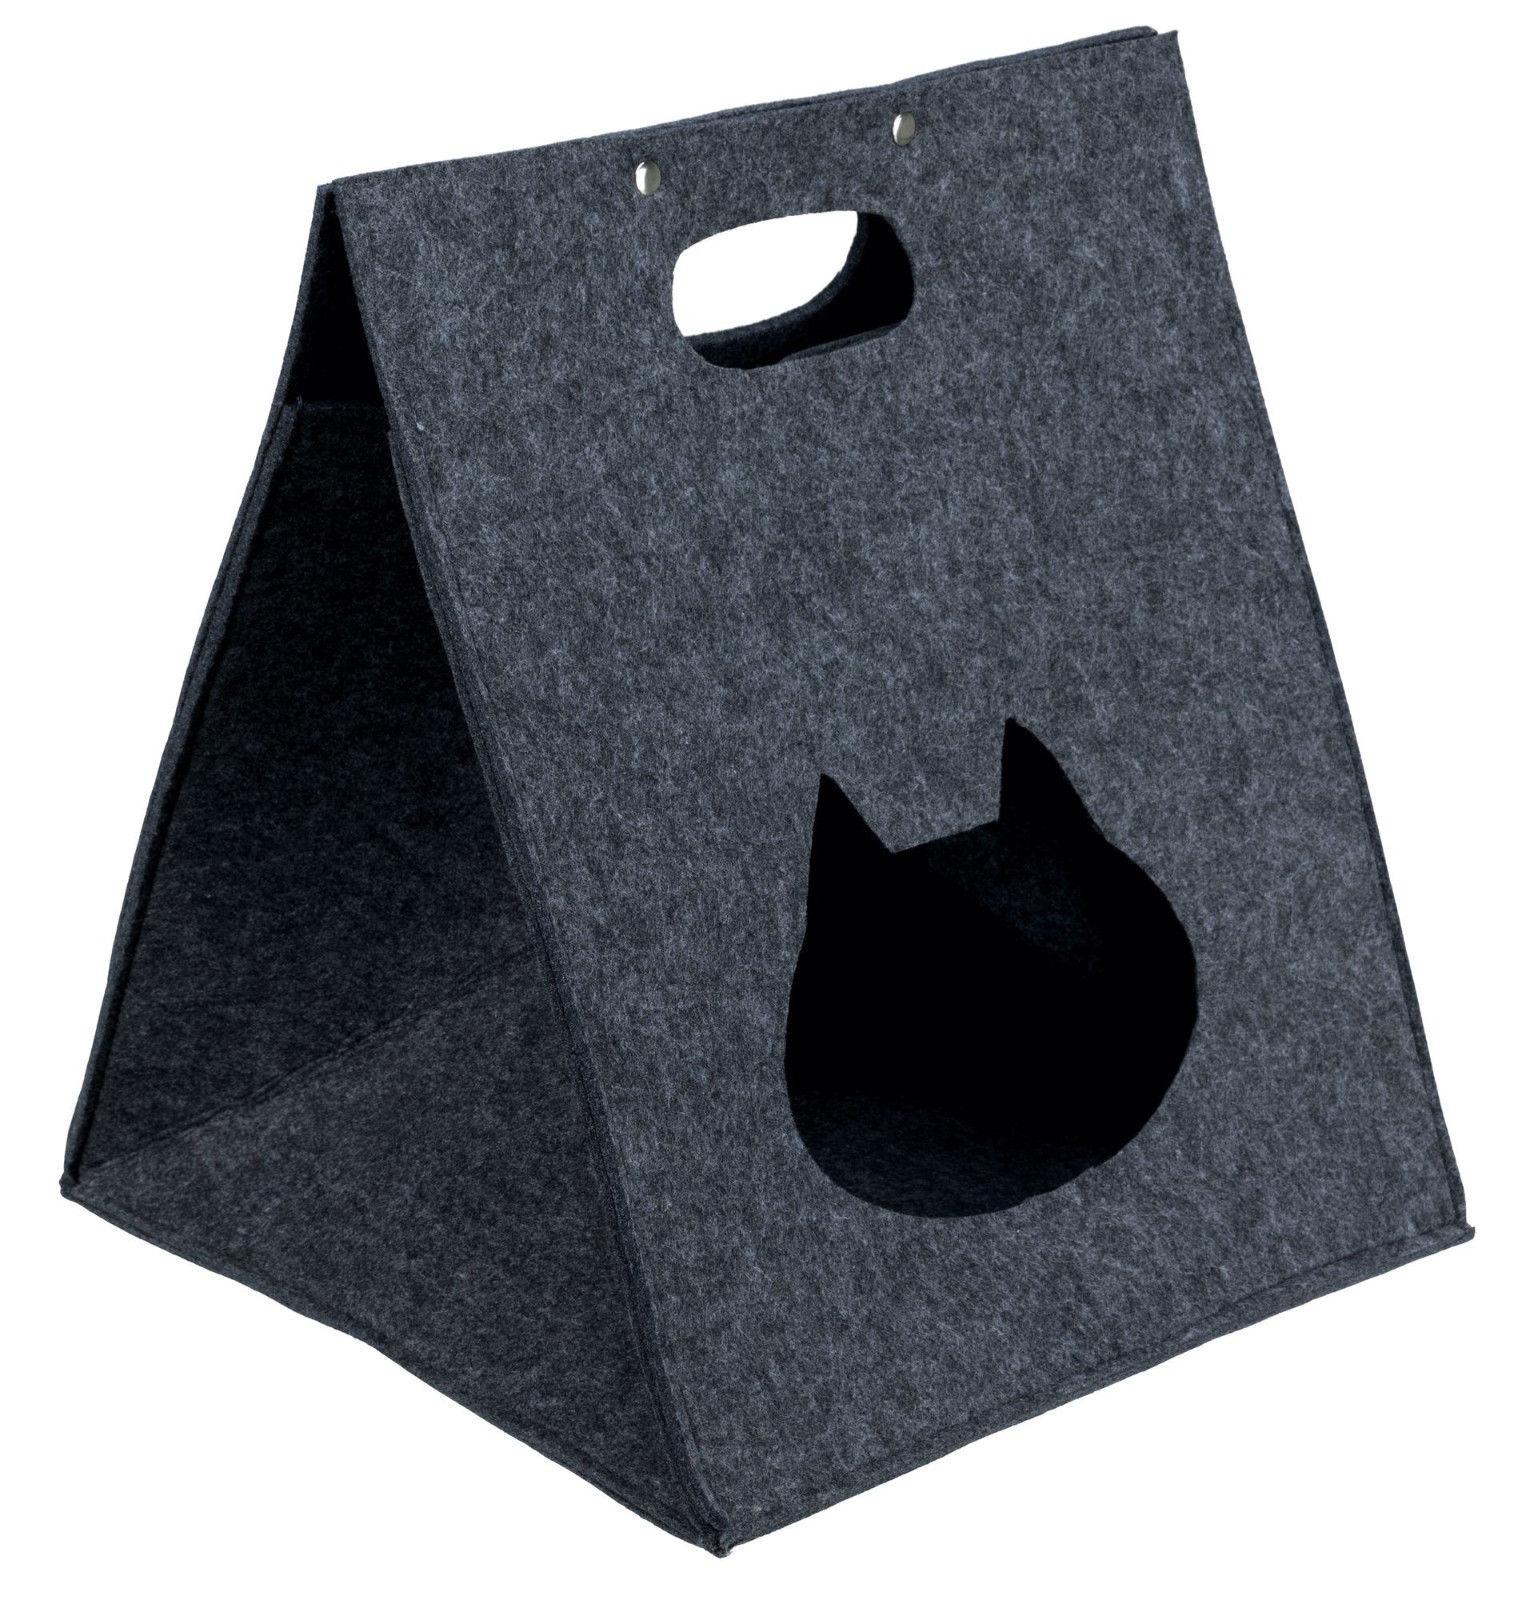 Домик для собак TRIXIE Antonia, серый, 40x40x48см